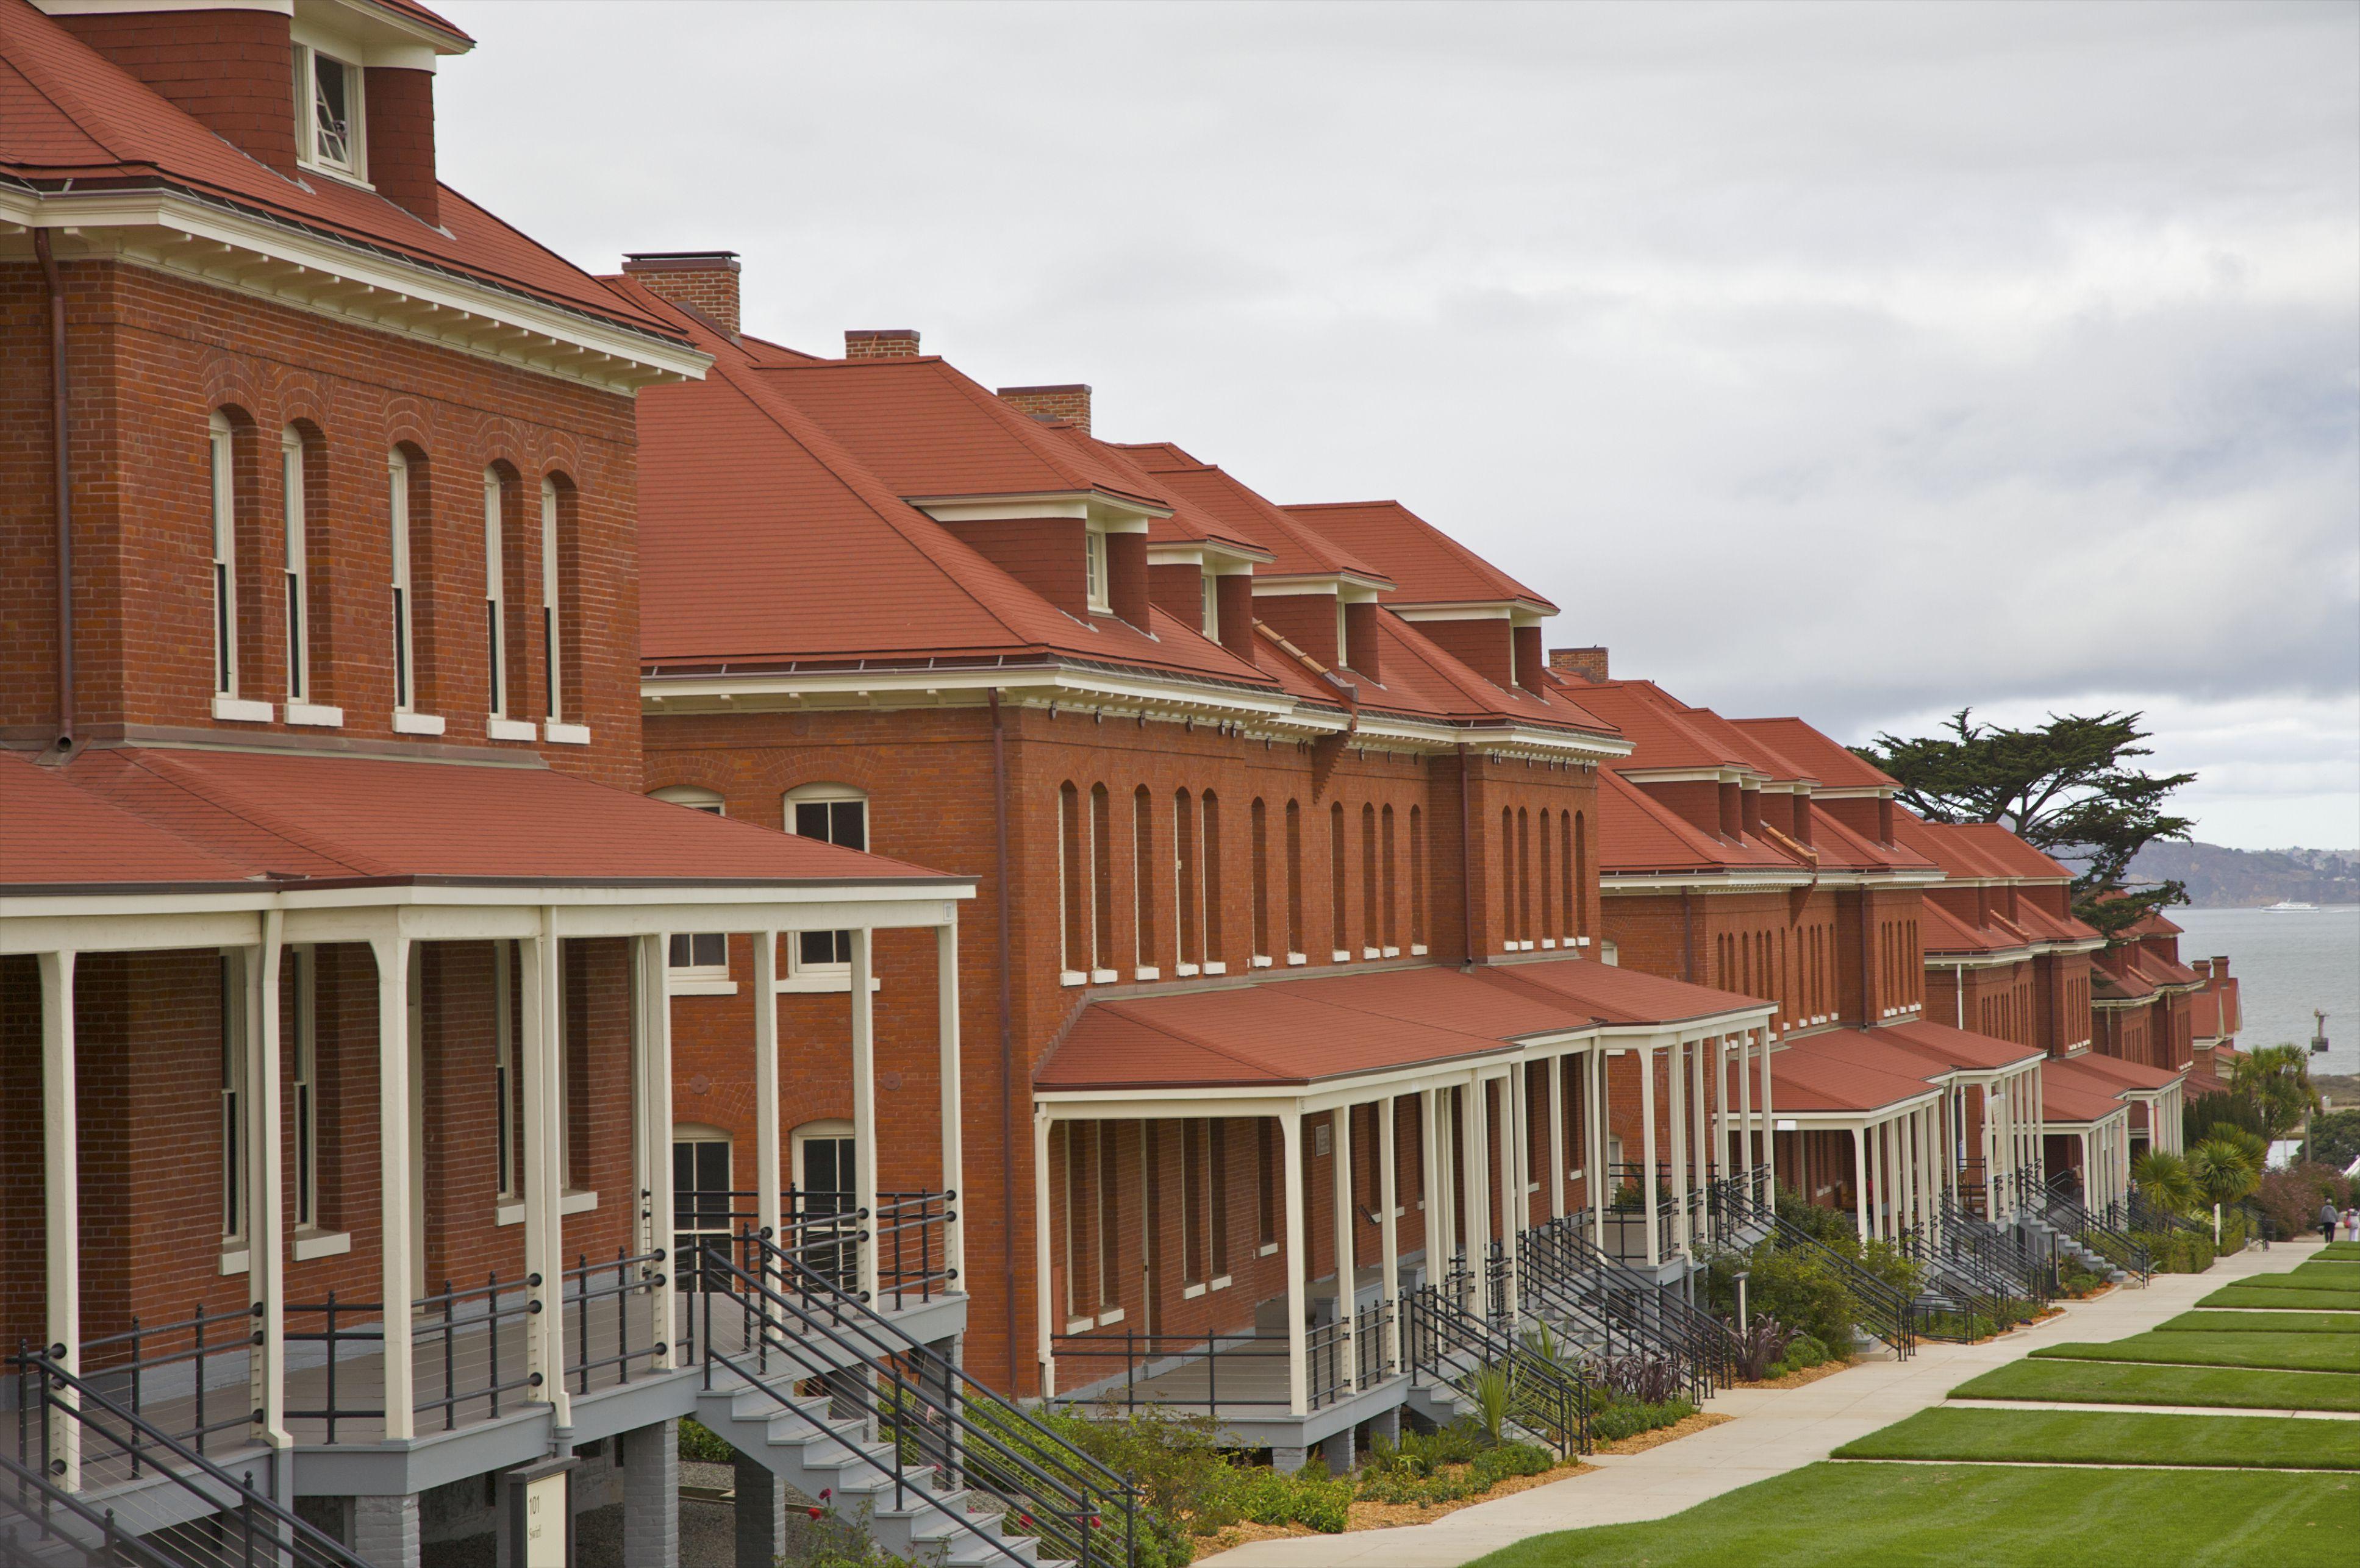 Red-orange bricks of landmark bayside buildings